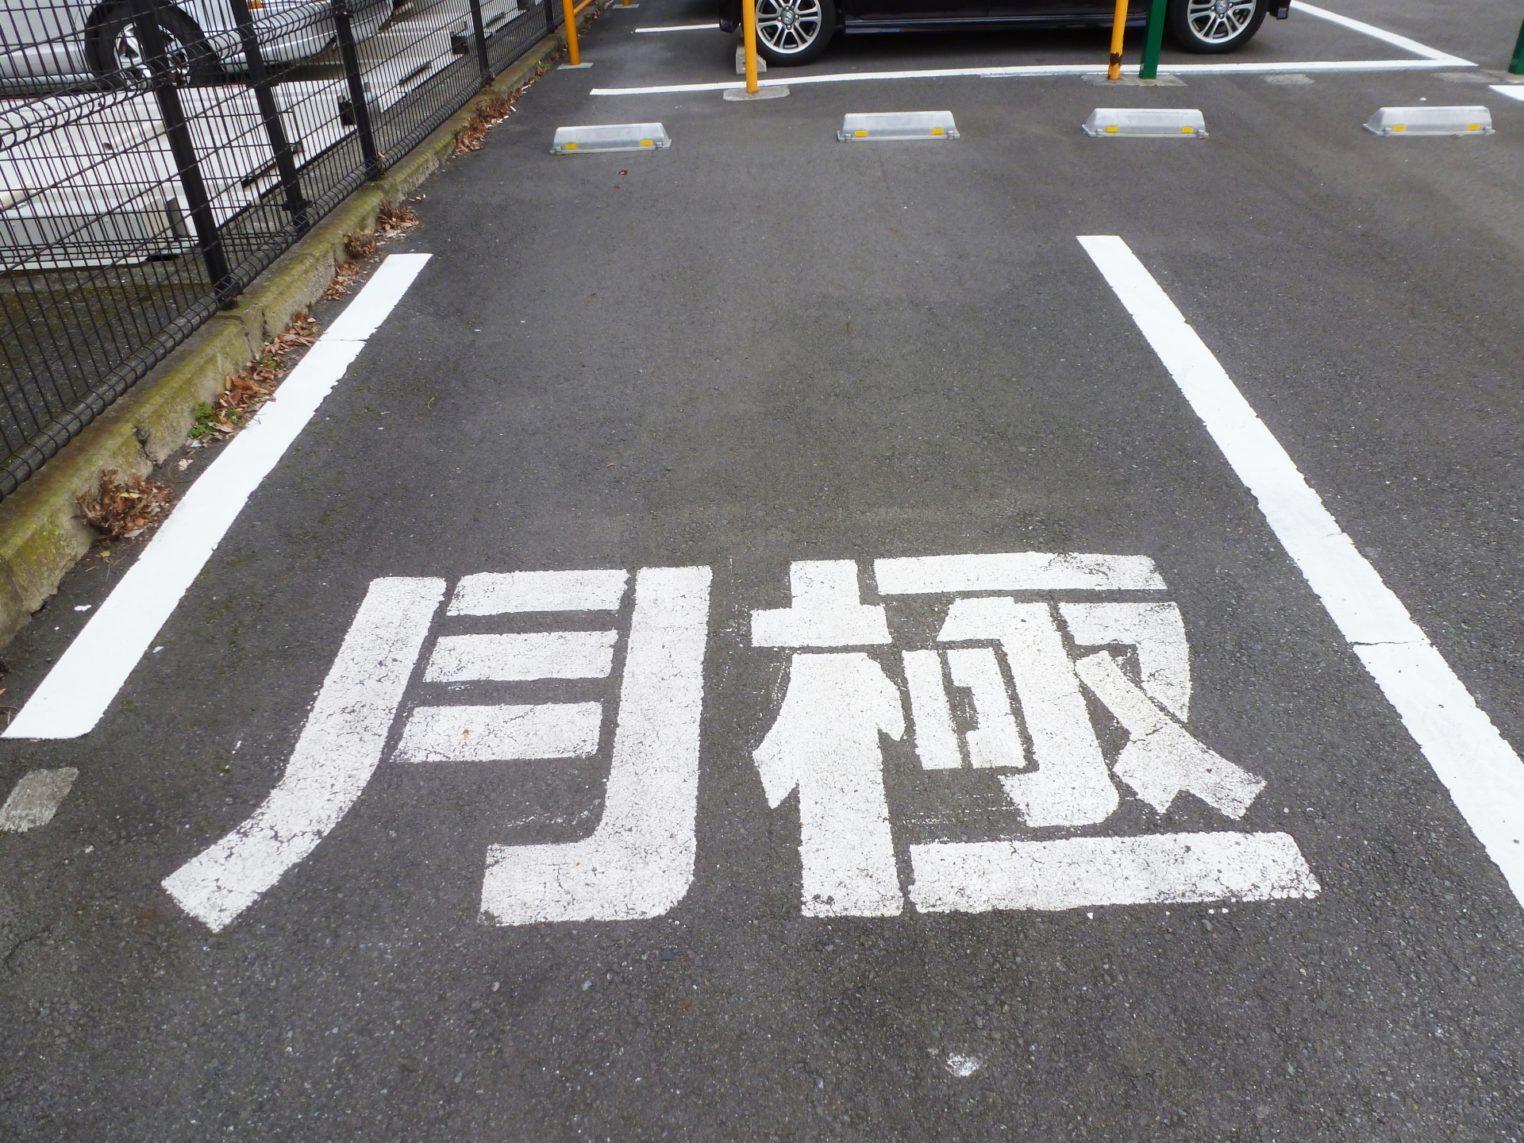 月極駐車場の借り主が料金を滞納! 駐車場オーナーはどういった対応をとるべきか